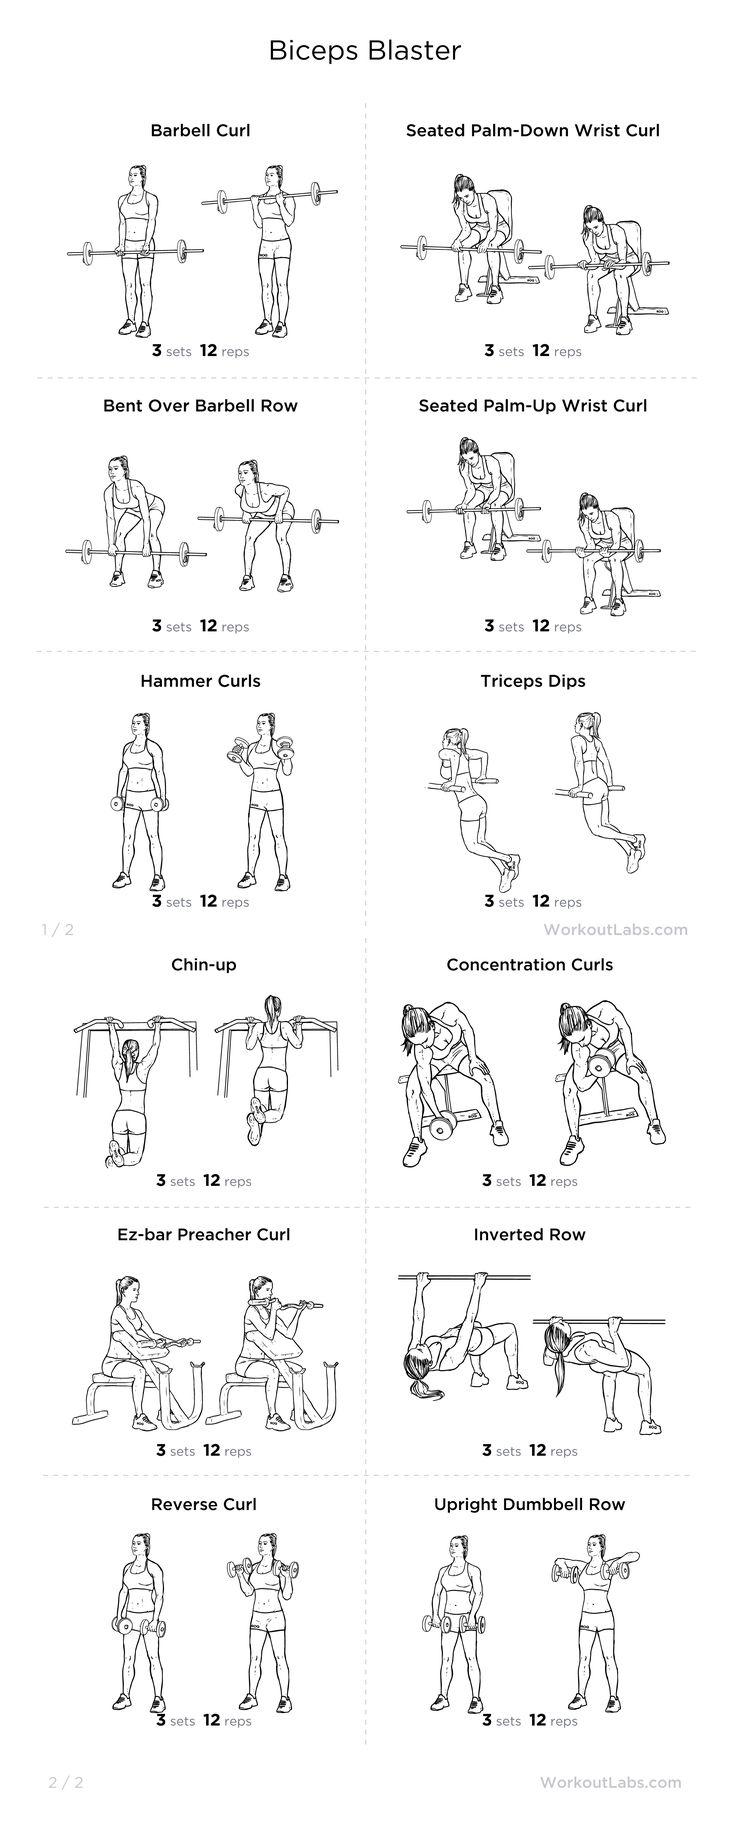 14 самых необычных упражнений в тренажерном зале